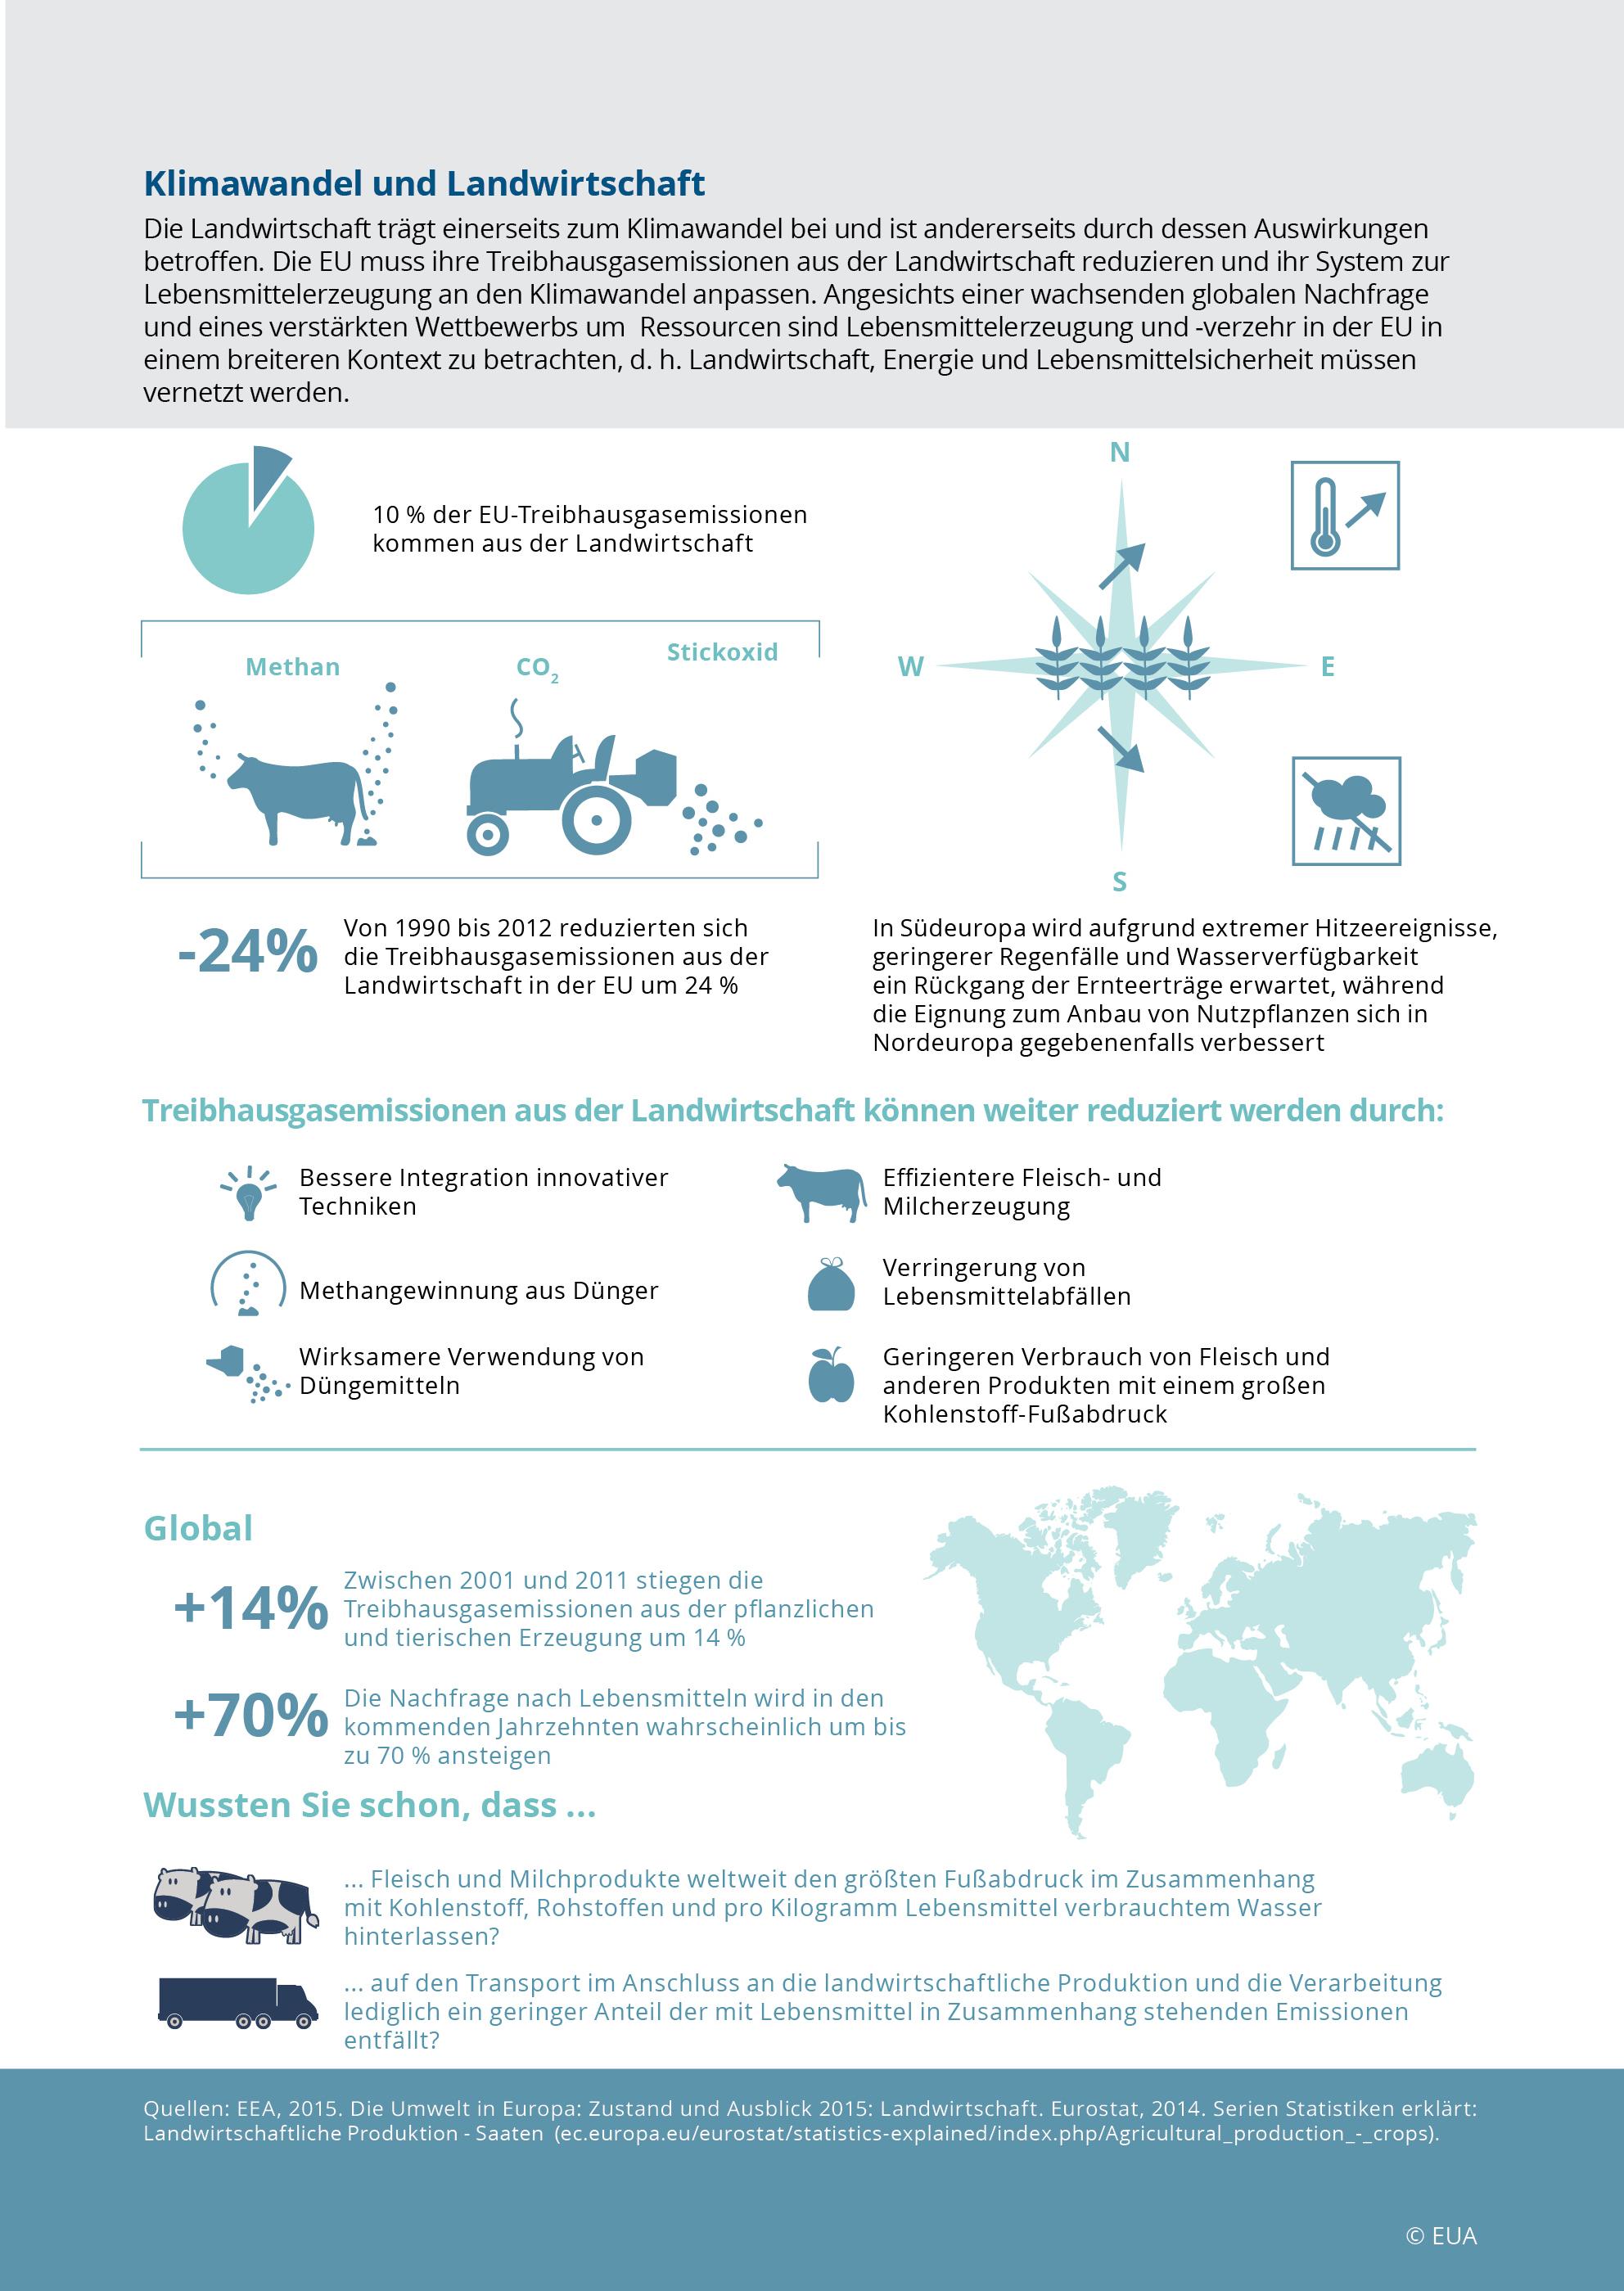 Klimawandel und Landwirtschaft